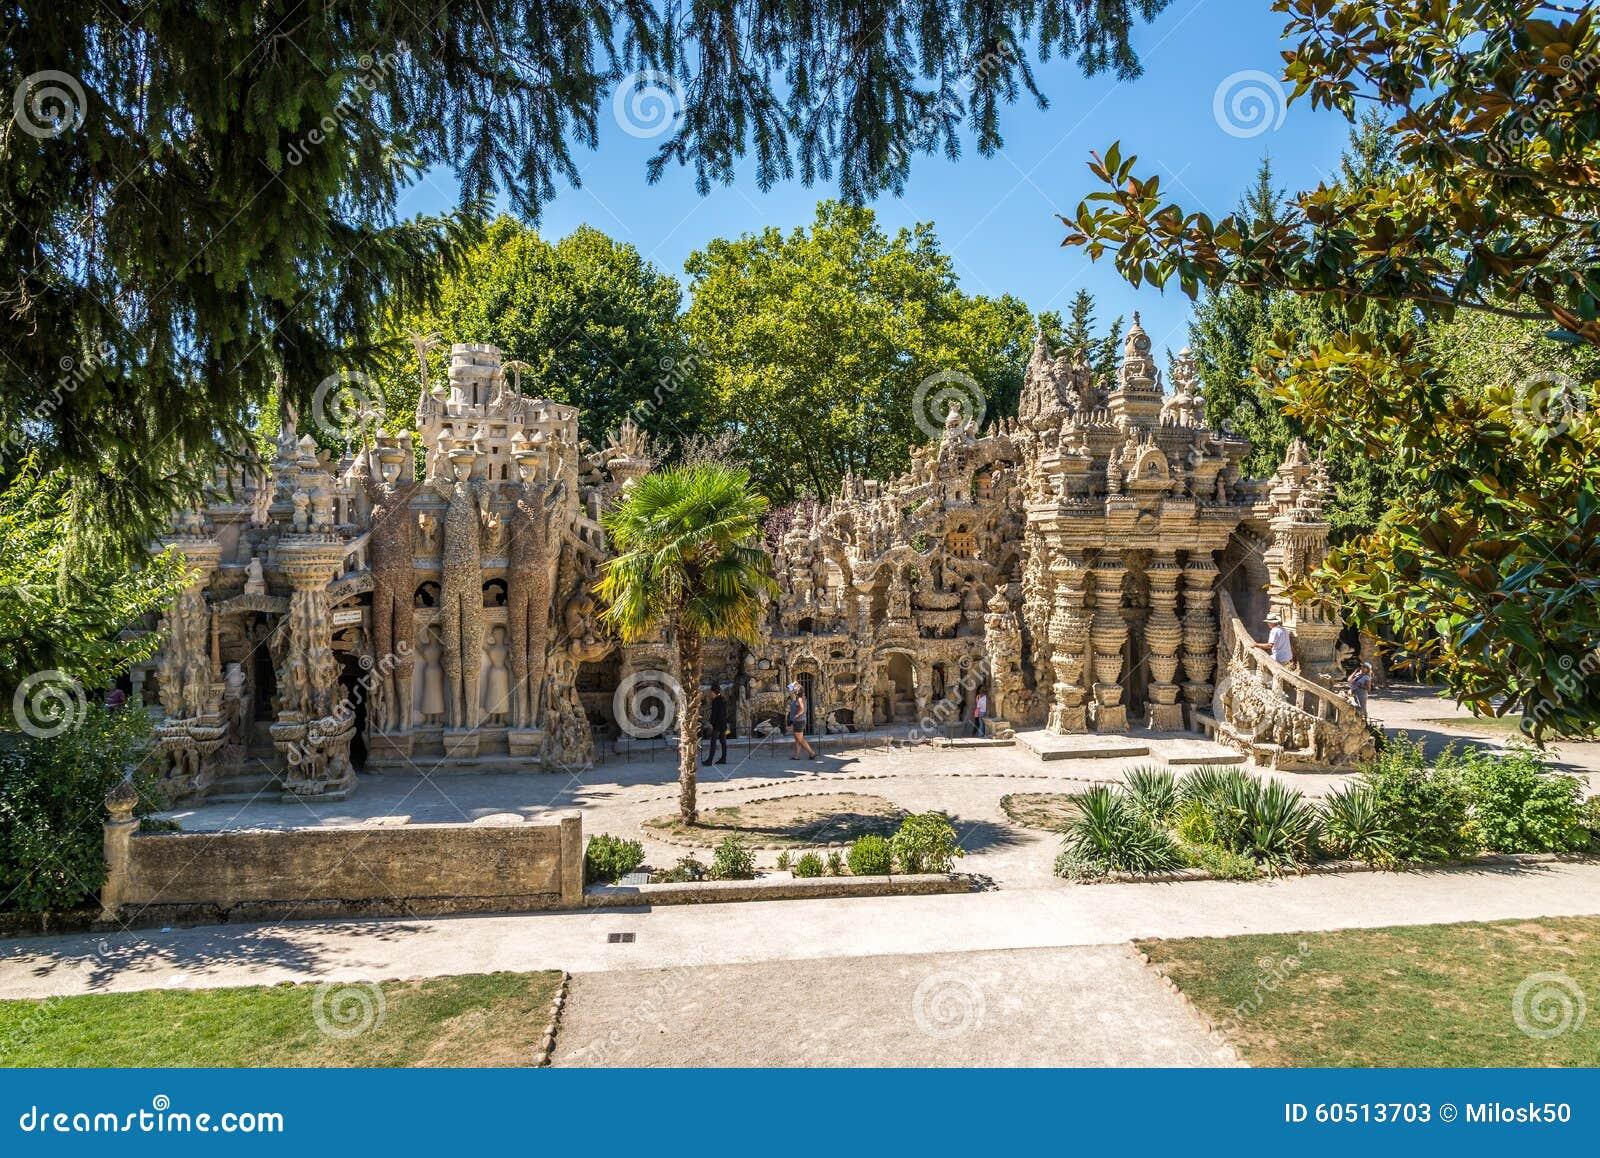 Palais Ideal du Facteur Cheval dans Hauterives - France